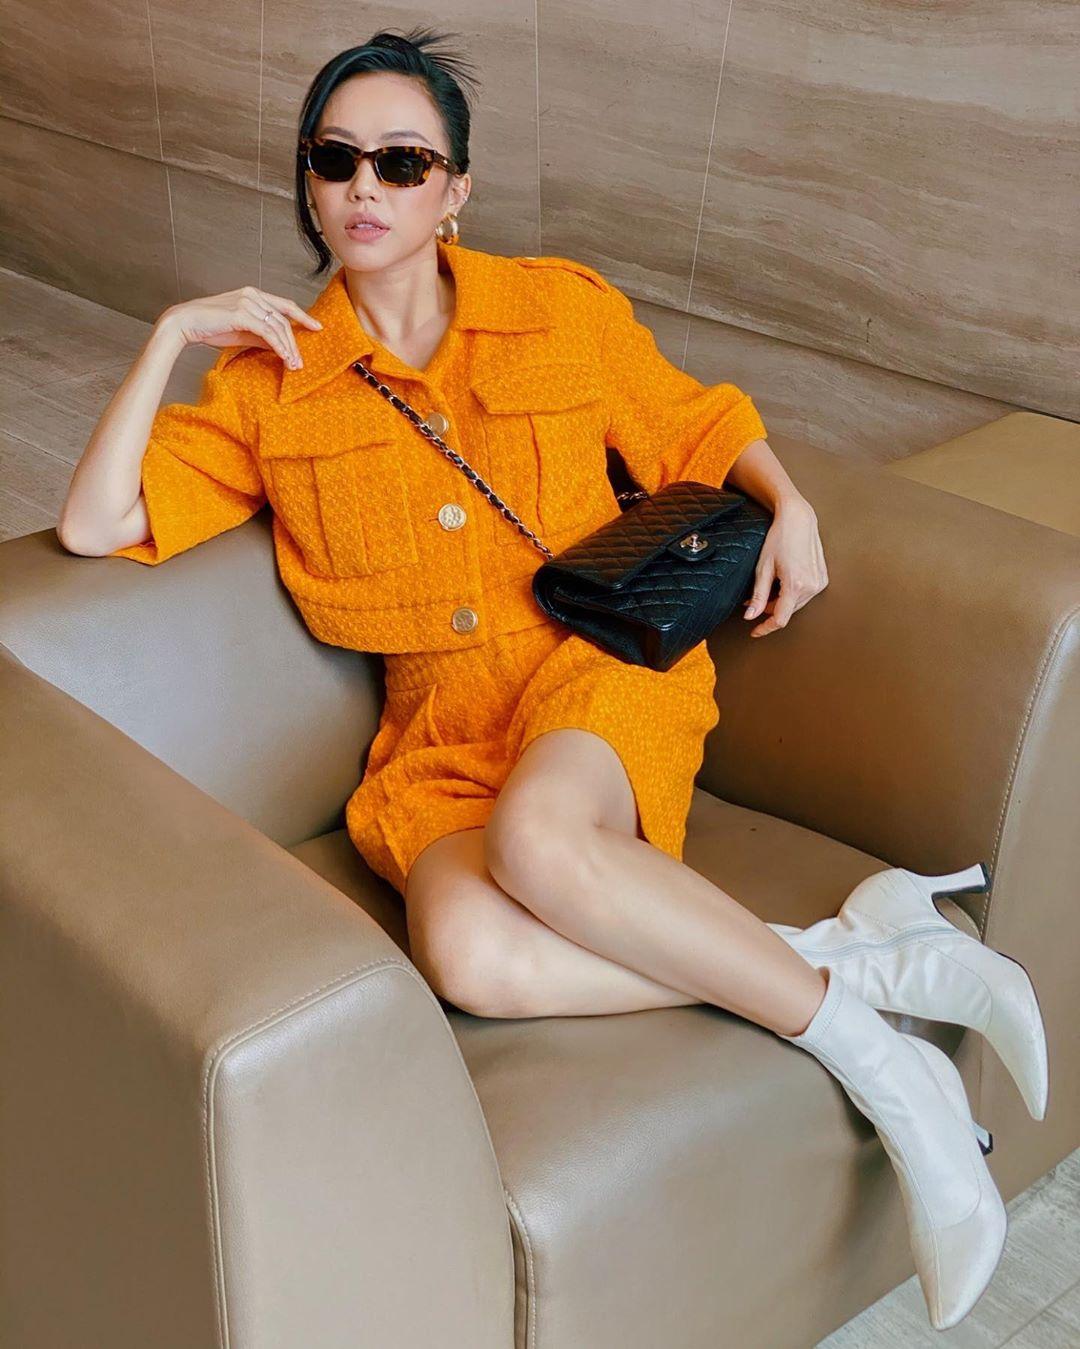 Diệu Nhi đeo kính thời trang hình chữ nhật, diện đồ màu cam